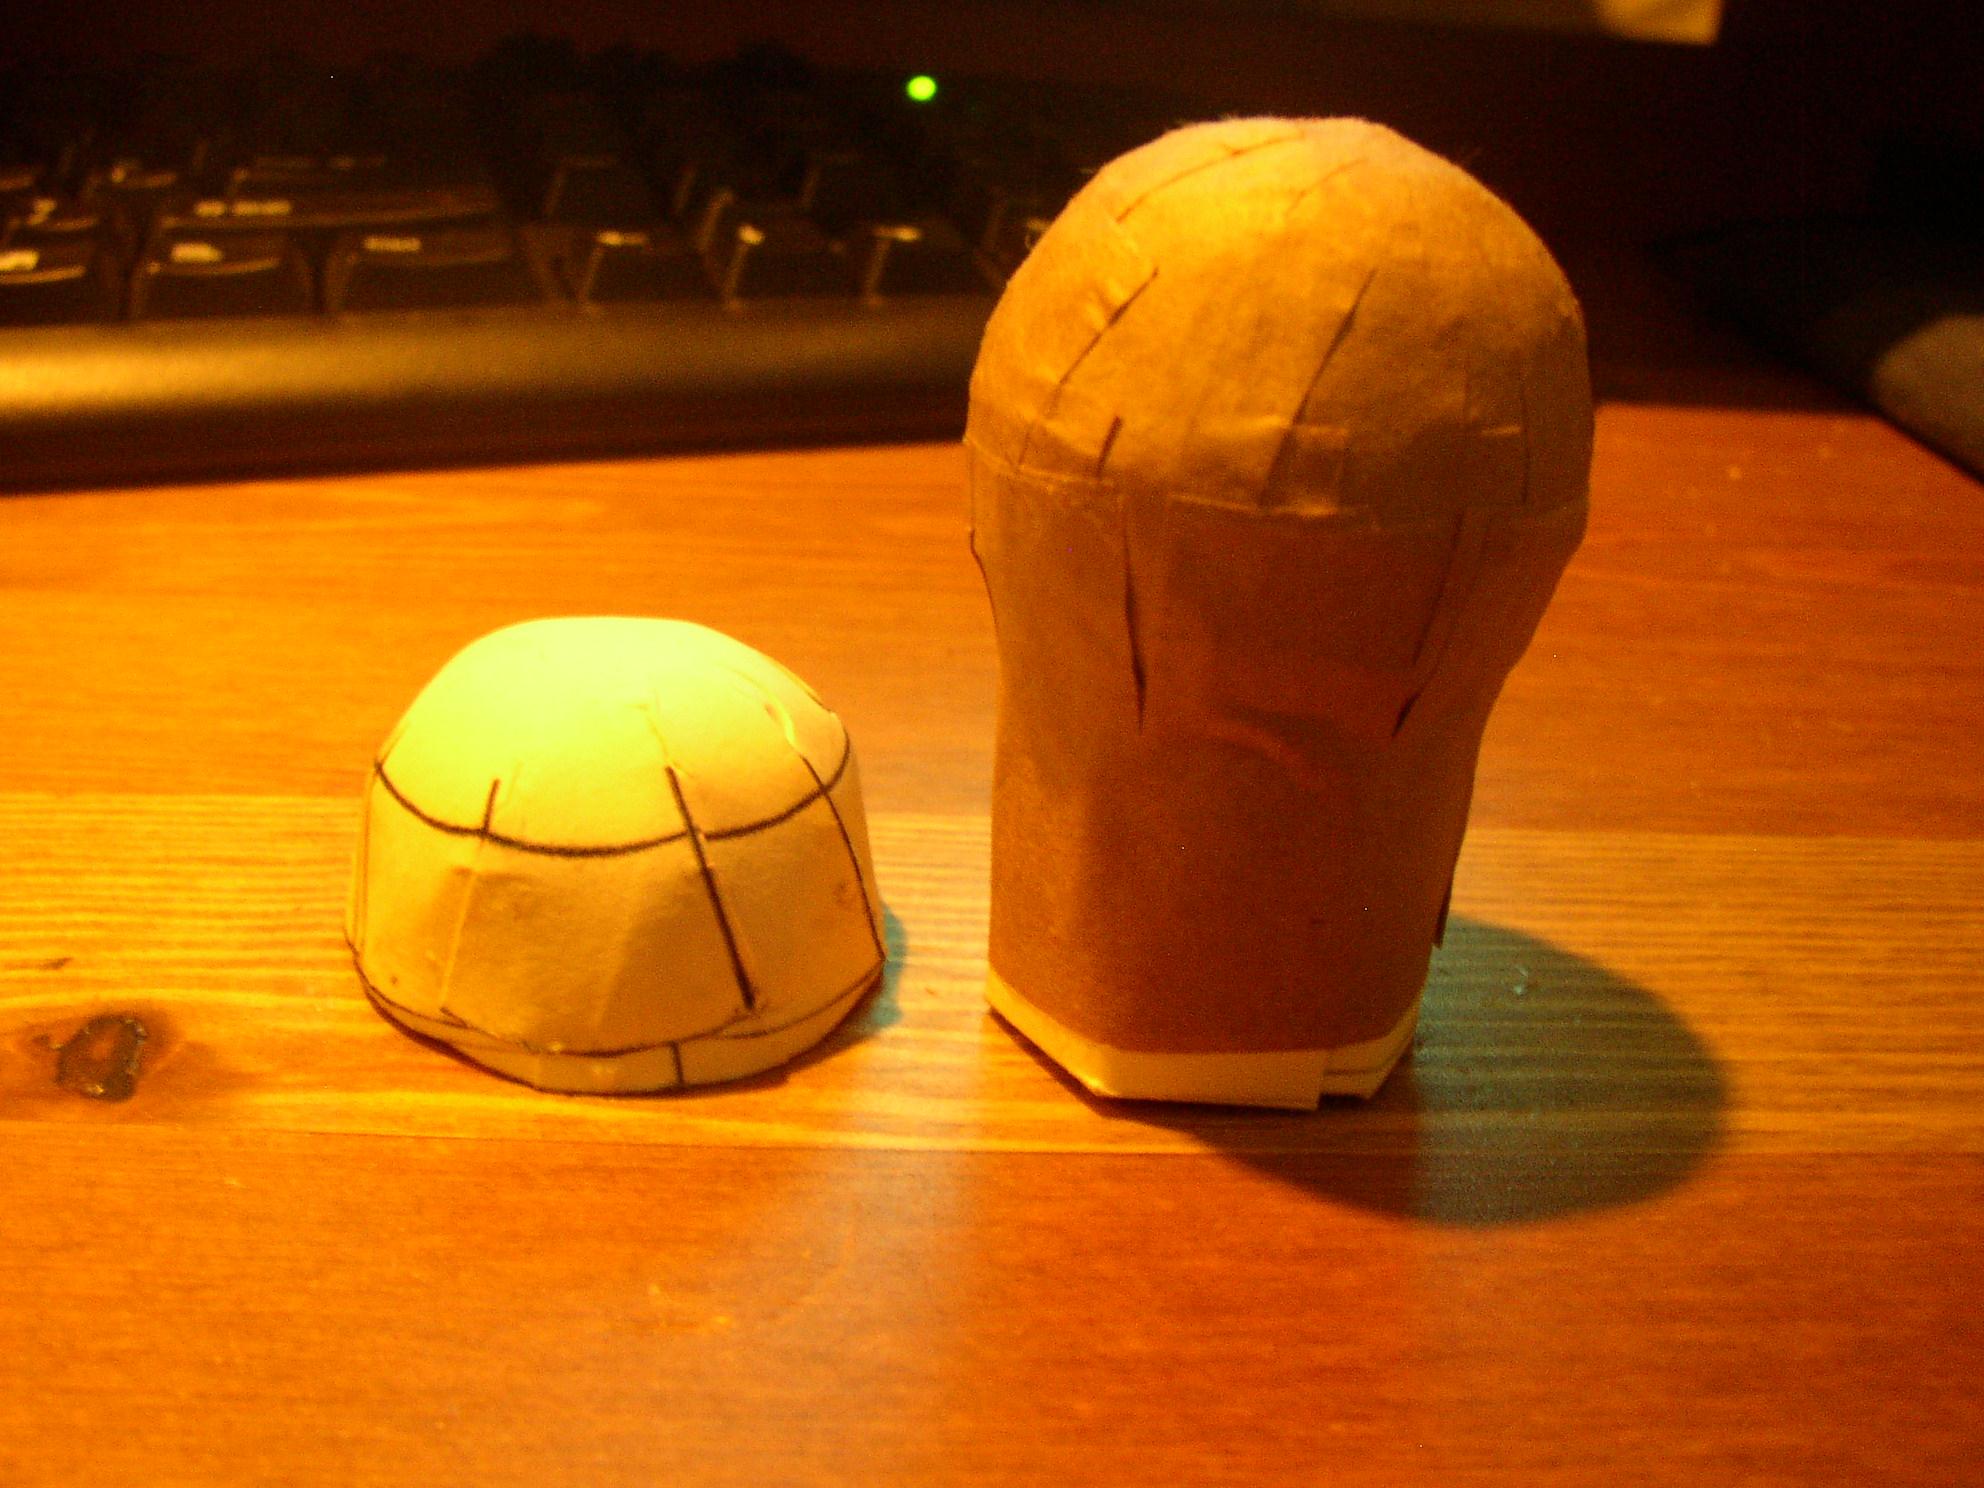 How to make Aerial-Shell Hemispheres